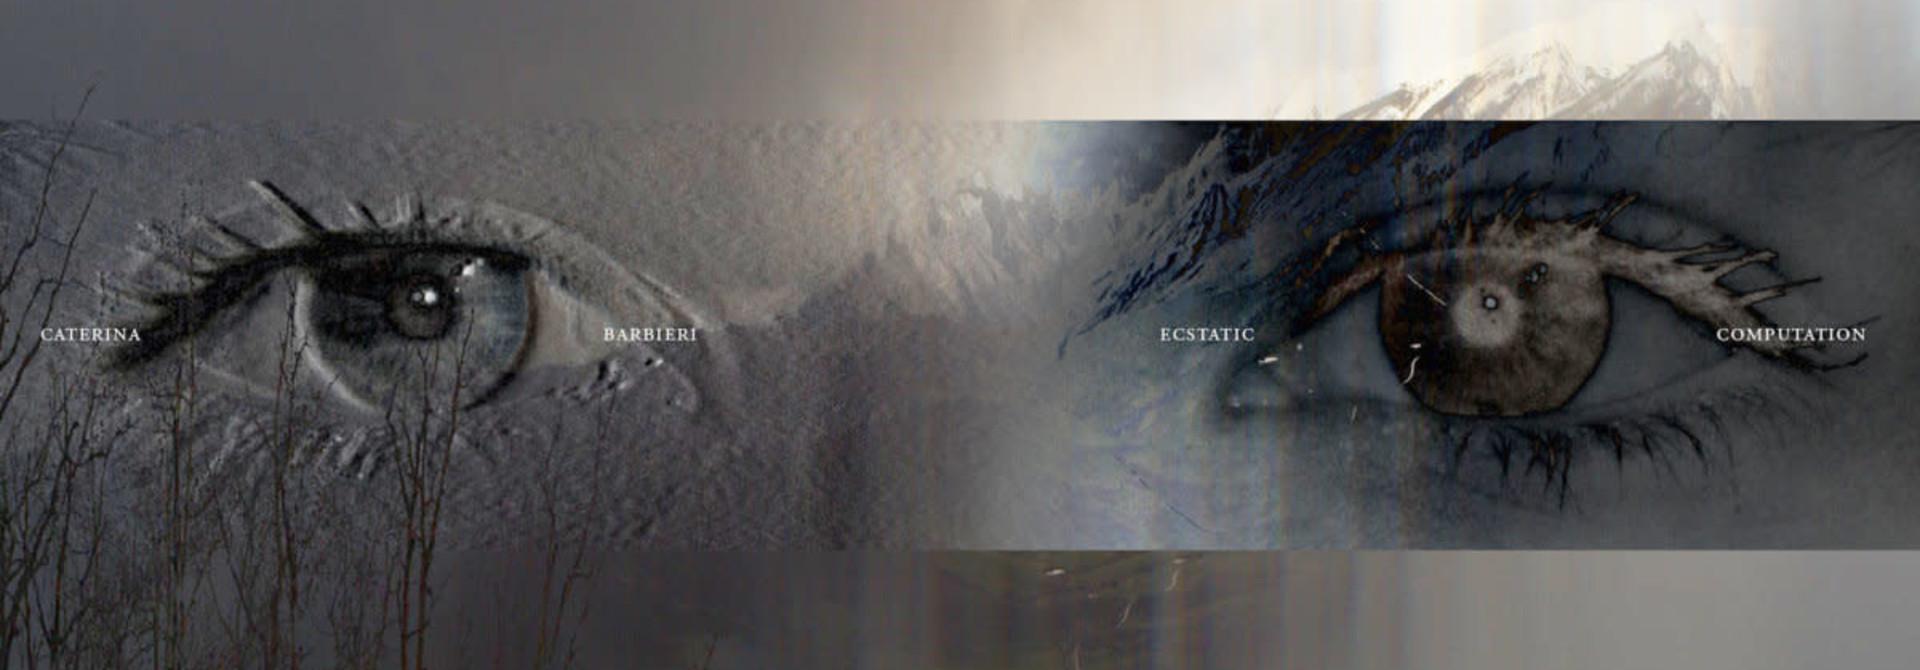 Caterina Barbieri • Ecstatic Computation